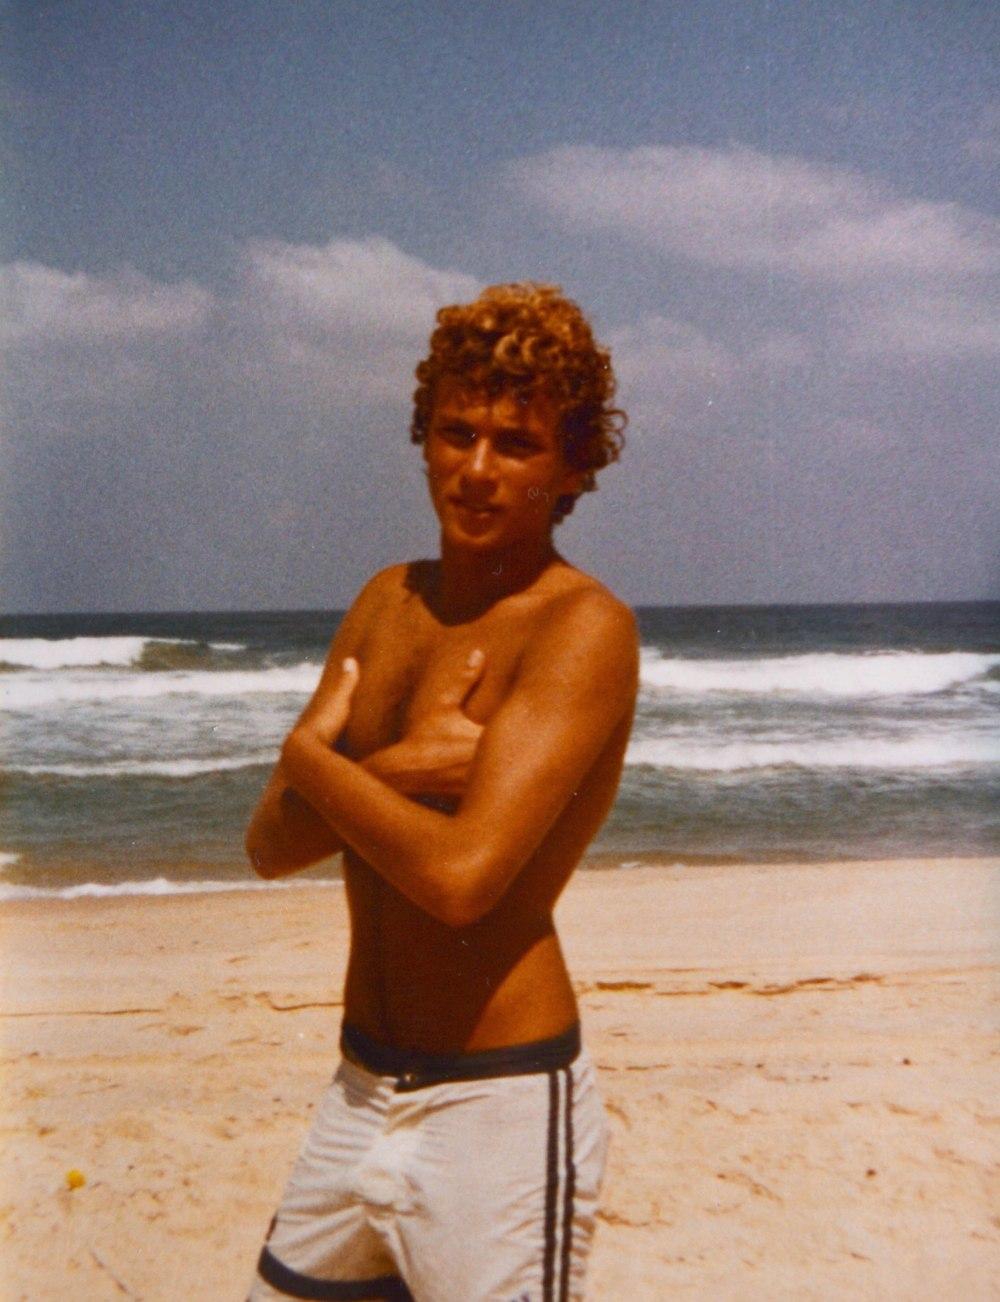 09_The Boy on the Beach_ok